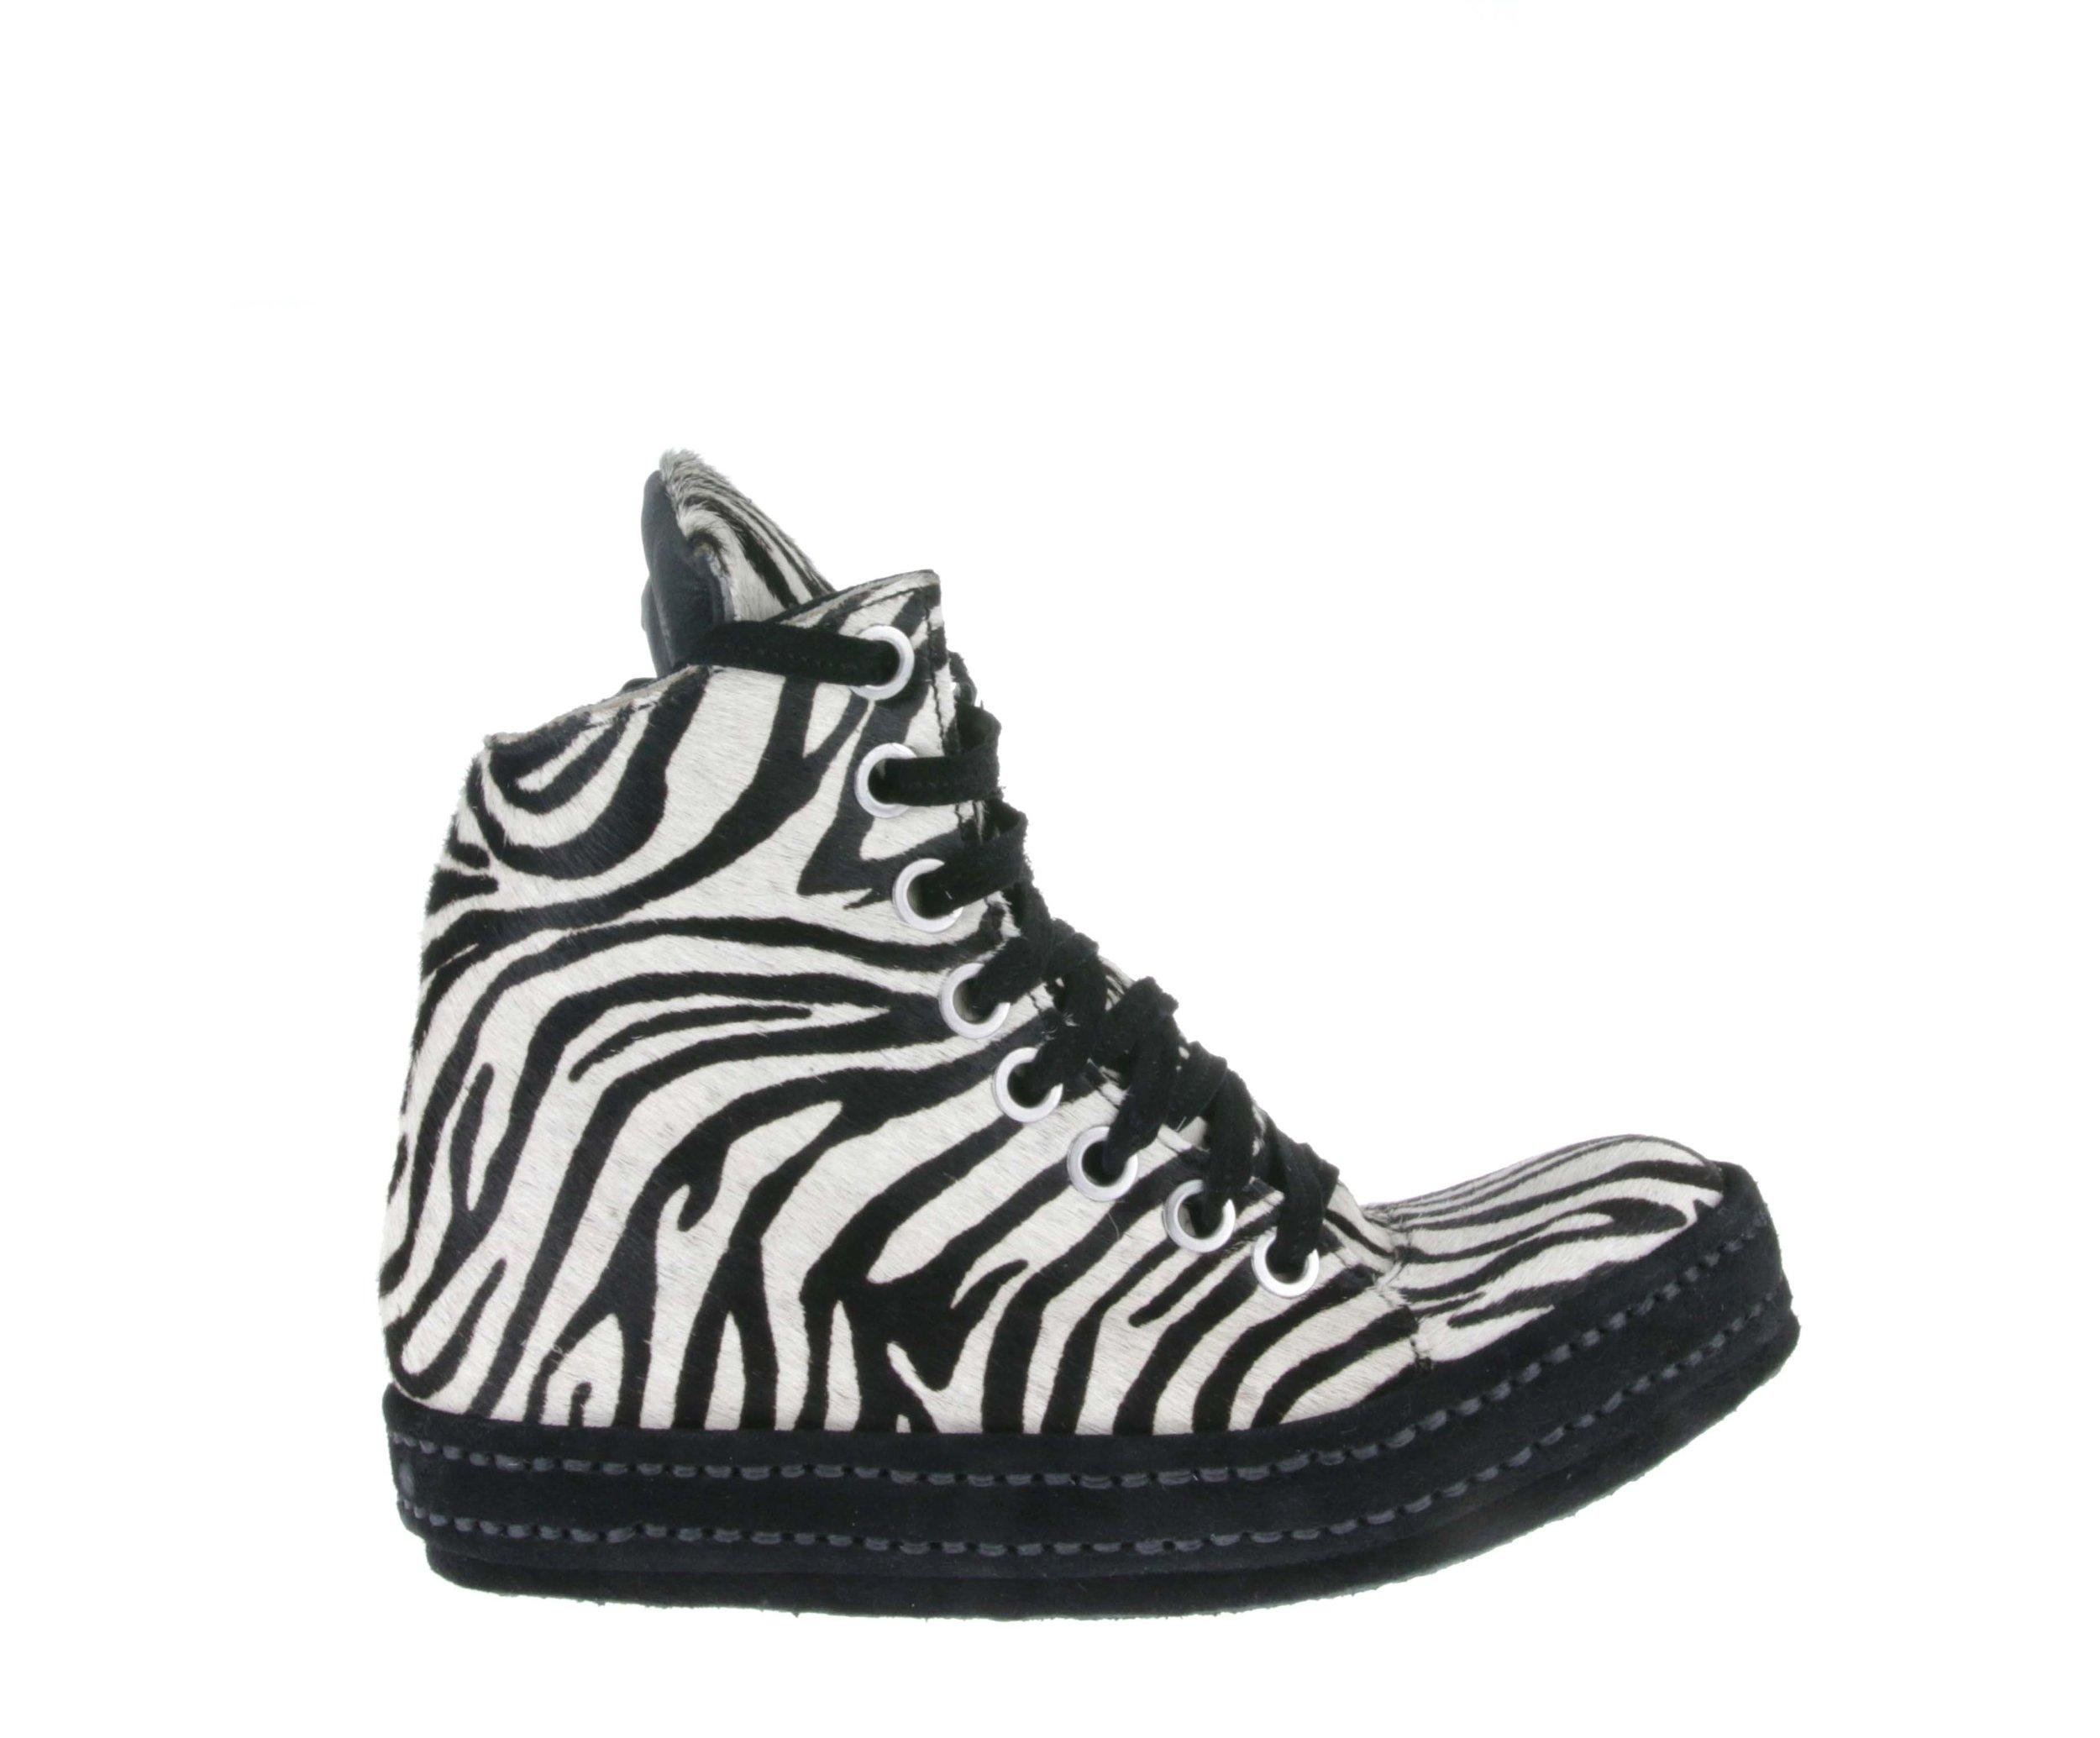 8Hole Zebra